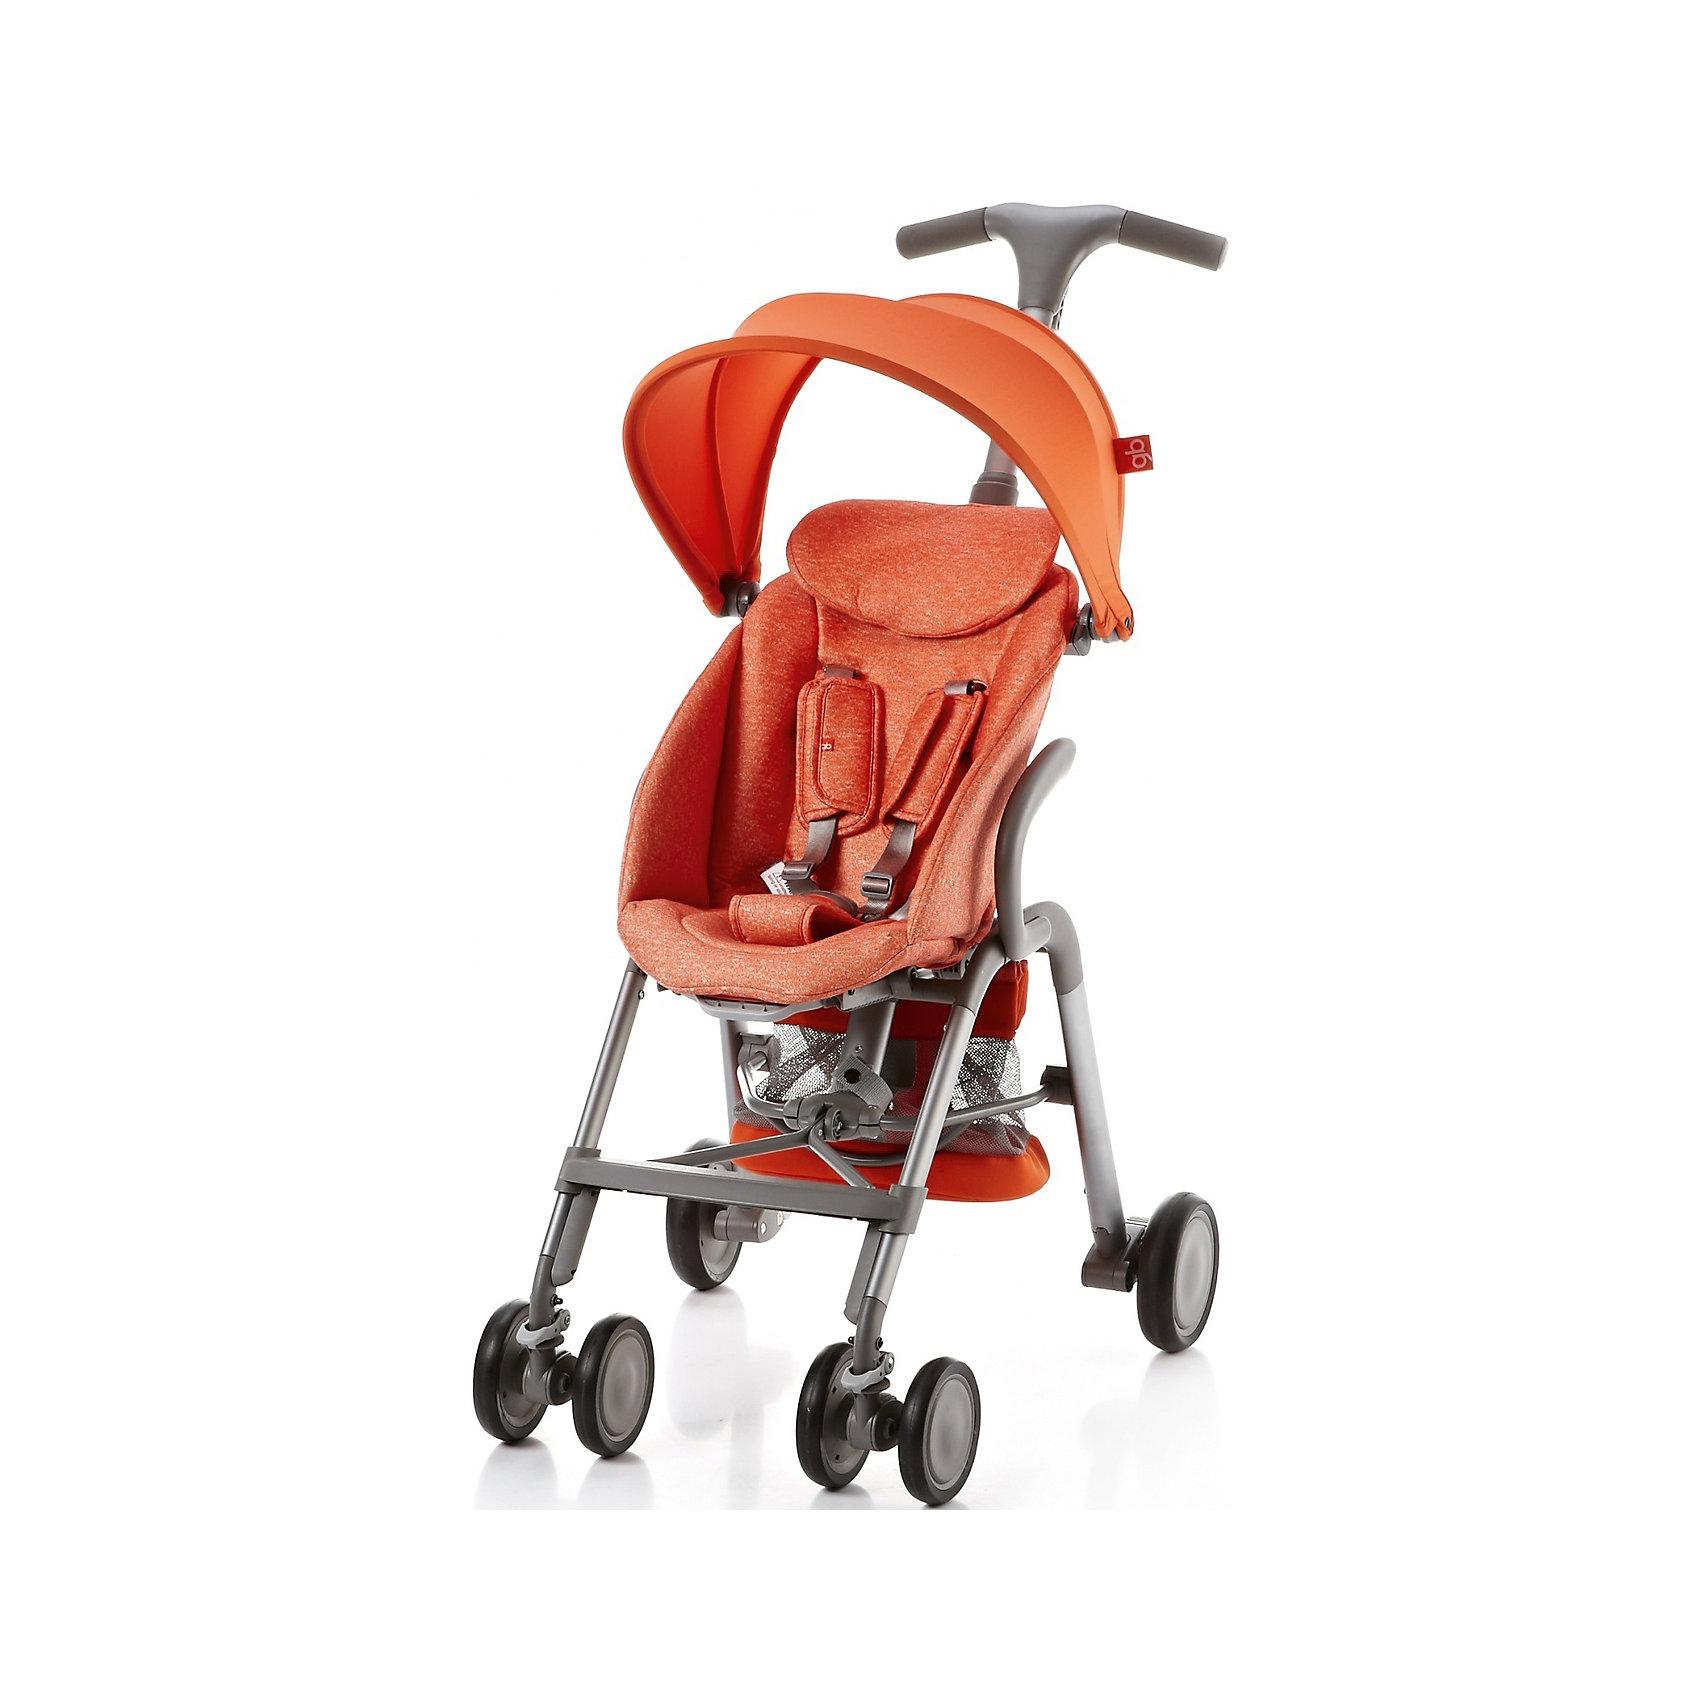 Прогулочная коляска GB T-BAR D330J, оранжевыйПрогулочные коляски<br>Коляска прогулочная T-BAR D330J, GB, оранжевый<br><br>Характеристики:<br><br>- в набор входит: коляска, козырек <br>- материал: алюминий, текстиль, пластик<br>- колеса: EVA-резина и полиуретан<br>- размер разложенной коляски: 53 * 91 * 105 см.<br>- размер в сложенном виде: 53 * 40 * 91 см.<br>- вес коляски: 7,6 кг.<br><br>Надежная коляска от известного международного европейского бренда товаров для детей GB (ДжиБи) сделает прогулку с малышом комфортным приключением. Стильный дизайн и качественное исполнение позволят коляске прослужить много лет. Т-образная ручка обеспечивает наибольшую маневренность в городе и ее высота регулируется в три положения. Стильный козырек закрывает малыша от яркого солнца и удобно регулируется, давая возможность полностью закрыть малыша спереди. Спинка сидения регулируется в два положения, в которых малыш сможет немного отдохнуть, а мягкий регулирующийся подголовник добавит малышу комфорта. Прочные бесшумные двойные передние колеса поворачиваются (можно зафиксировать), задние колеса оснащены амортизацией, такое сочетание позволяет осуществить наибольшую проходимость и устойчивость коляски. Для удобства хранения и перемещения коляска легко складывается по принципу «книжка». Безопасность малыша обеспечивает пятиточечный ремень с мягкими накладками. Небольшая корзина коляски легка в доступе и позволит взять с собой самое необходимое на прогулку. С этой легкой и компактной коляской вы будете чувствовать себя уверенно как на прогулке, так и в магазине.<br><br>Коляску прогулочную T-BAR D330J, оранжевый, GB (ДжиБи) можно купить в нашем интернет-магазине.<br><br>Ширина мм: 900<br>Глубина мм: 500<br>Высота мм: 300<br>Вес г: 9000<br>Возраст от месяцев: 6<br>Возраст до месяцев: 36<br>Пол: Унисекс<br>Возраст: Детский<br>SKU: 5176045